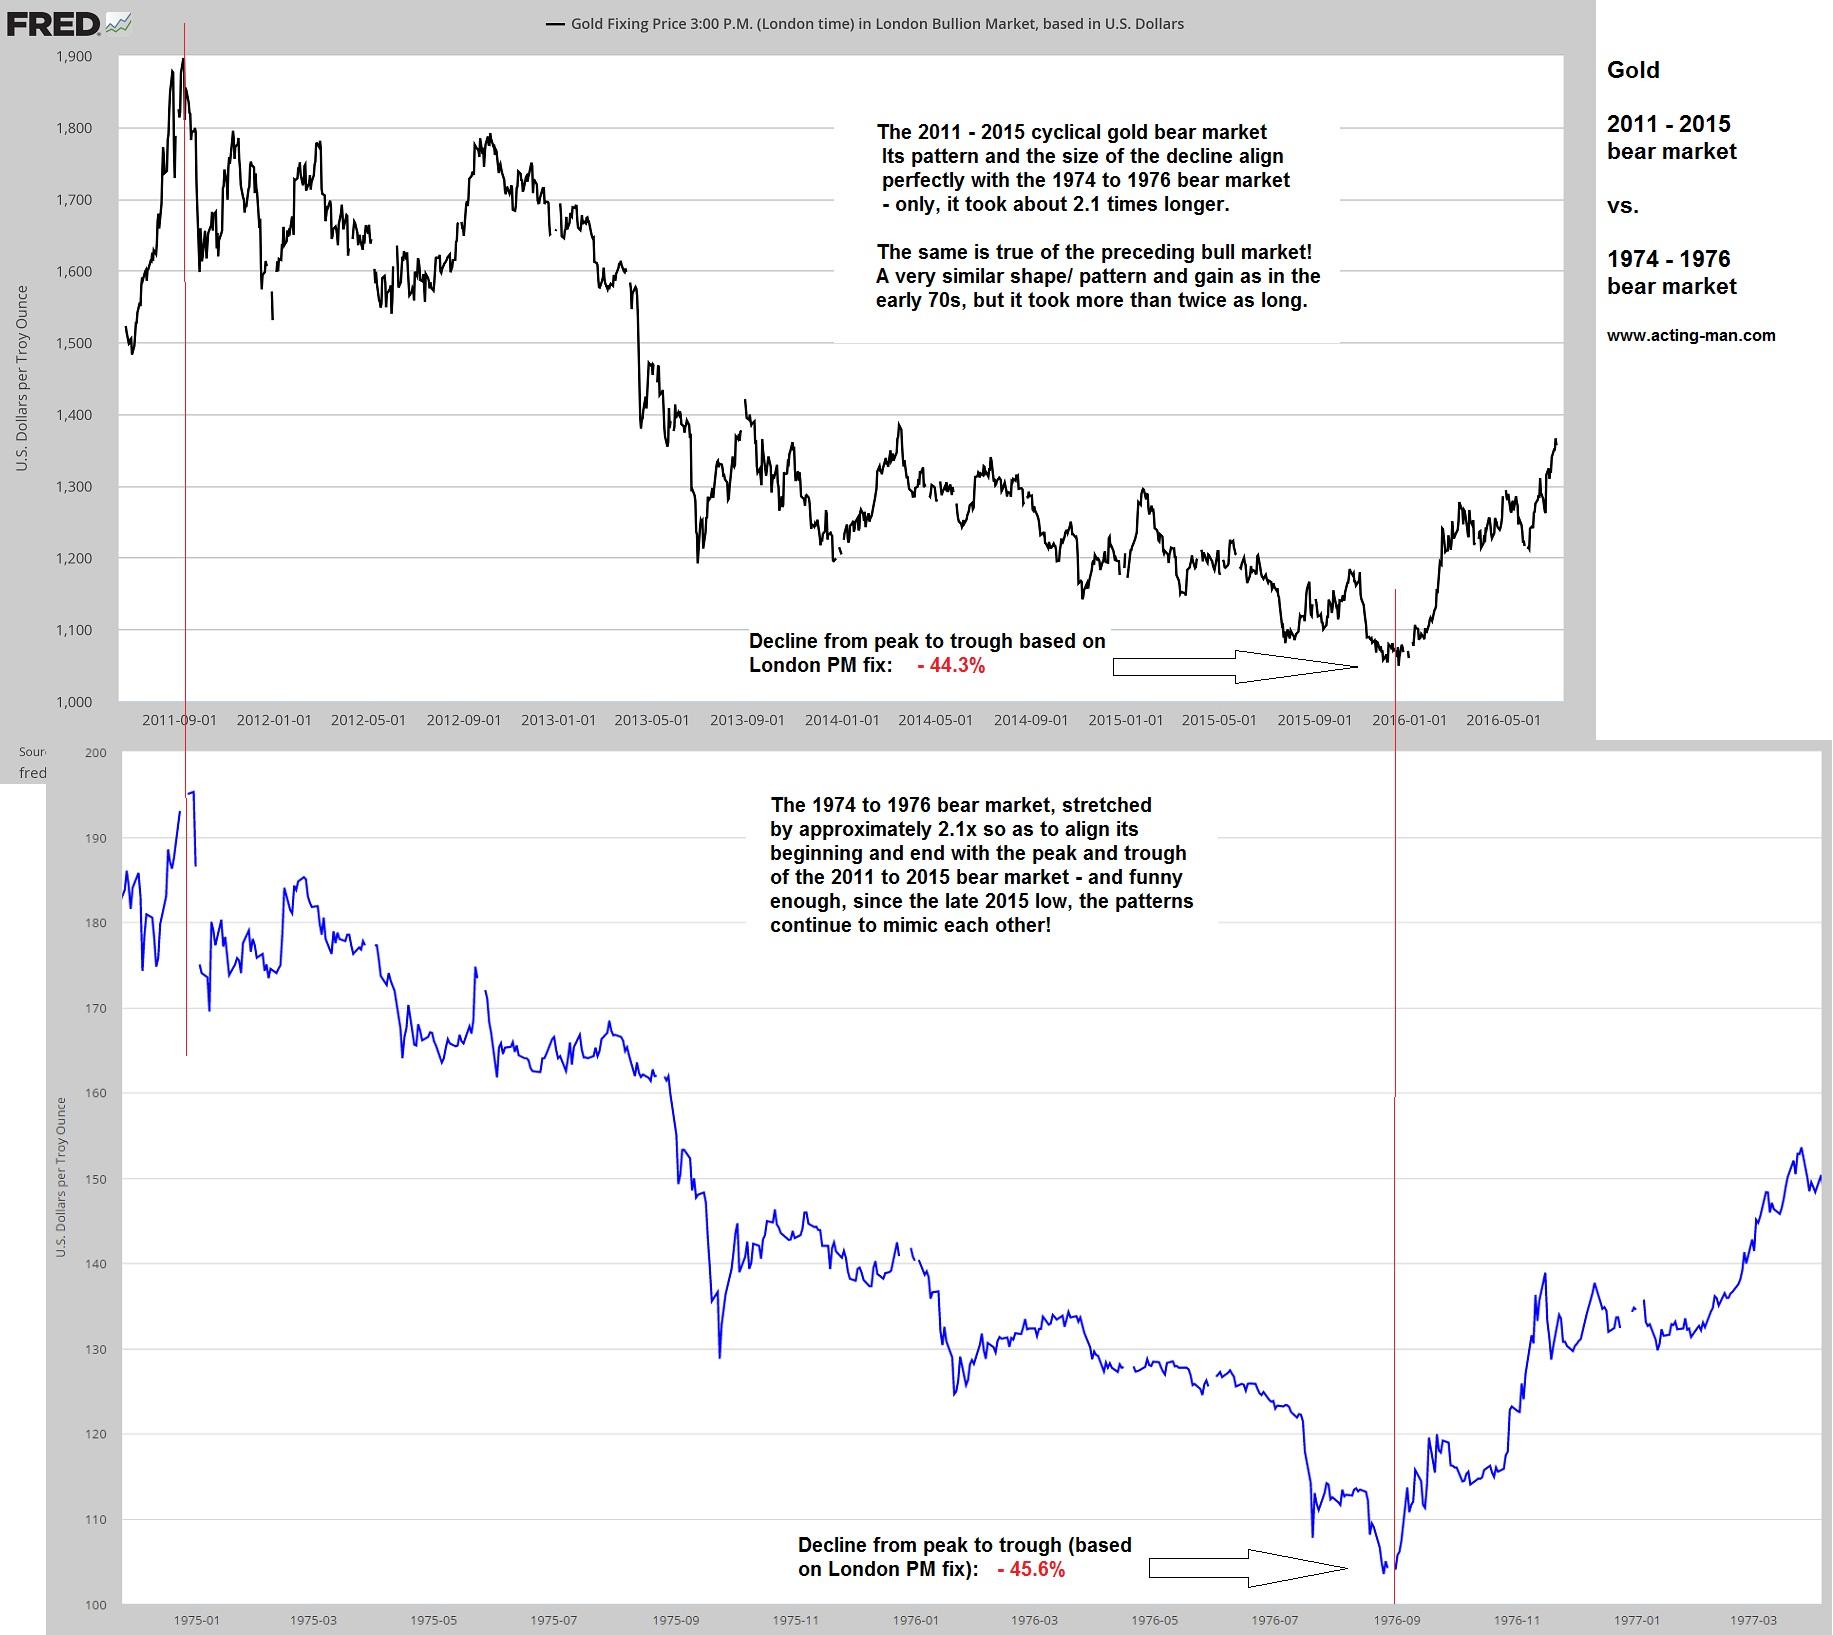 Bear Market Comparison Gold